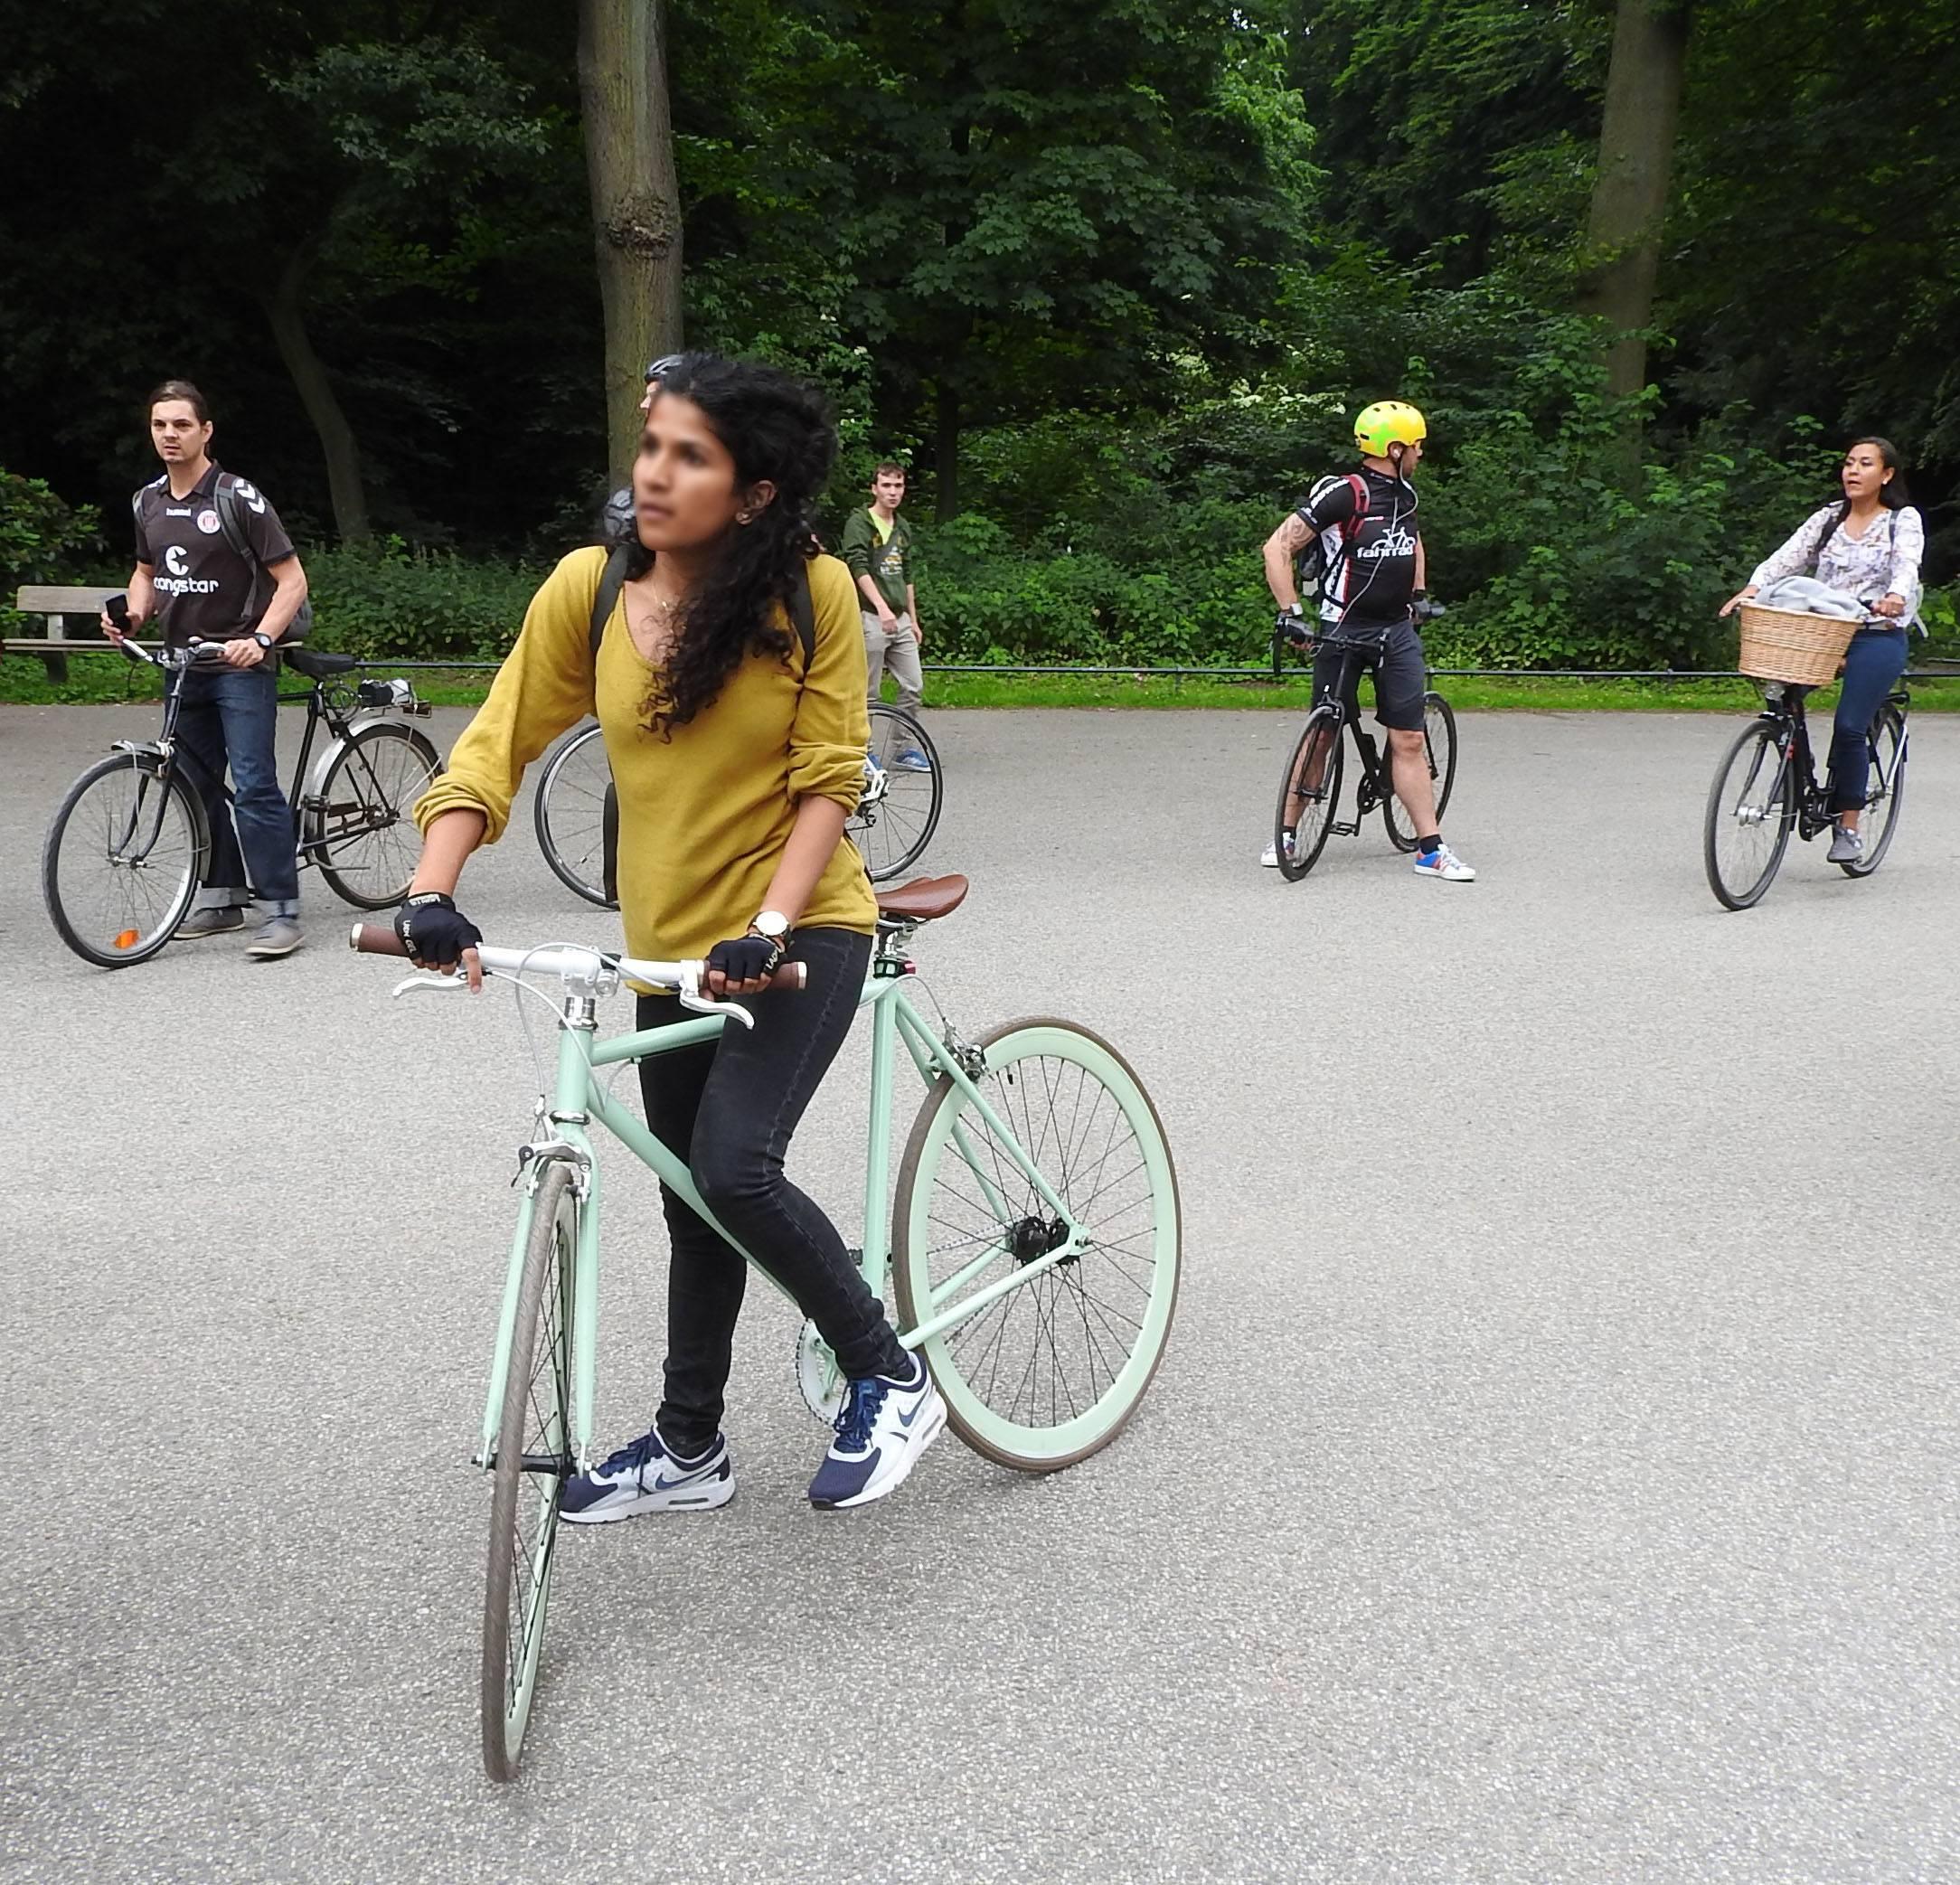 Radfahrer auf dem Weg zur kritischen Masse - Mathilde MAG 2